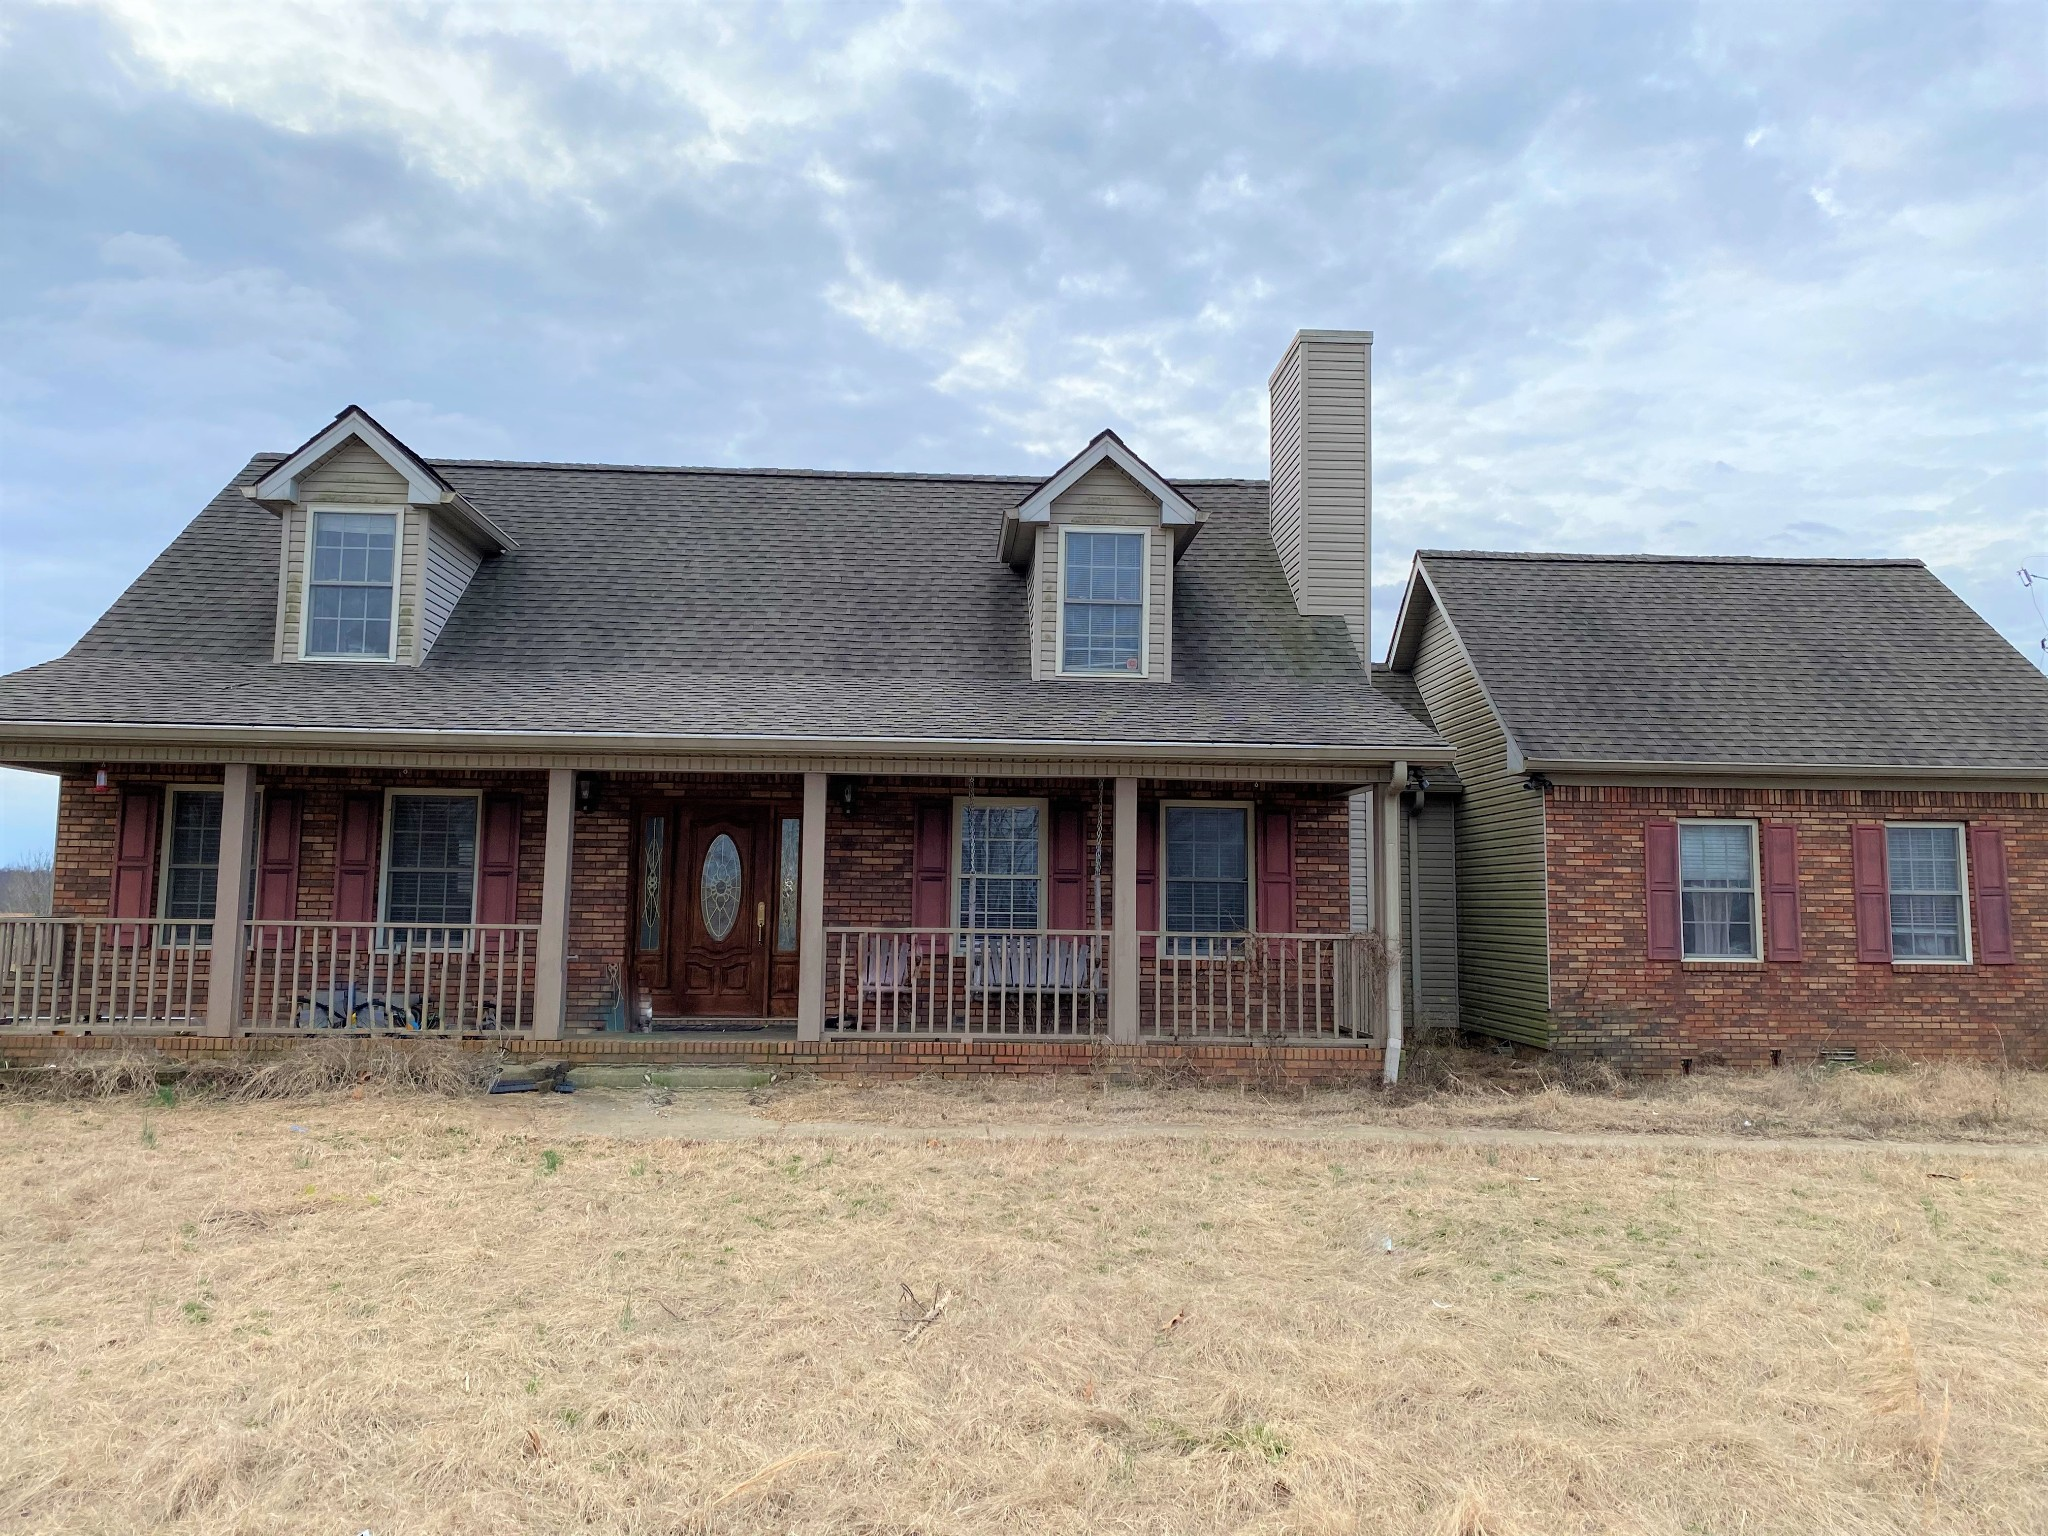 3770 Atkins Rd, Cedar Hill, TN 37032 - Cedar Hill, TN real estate listing